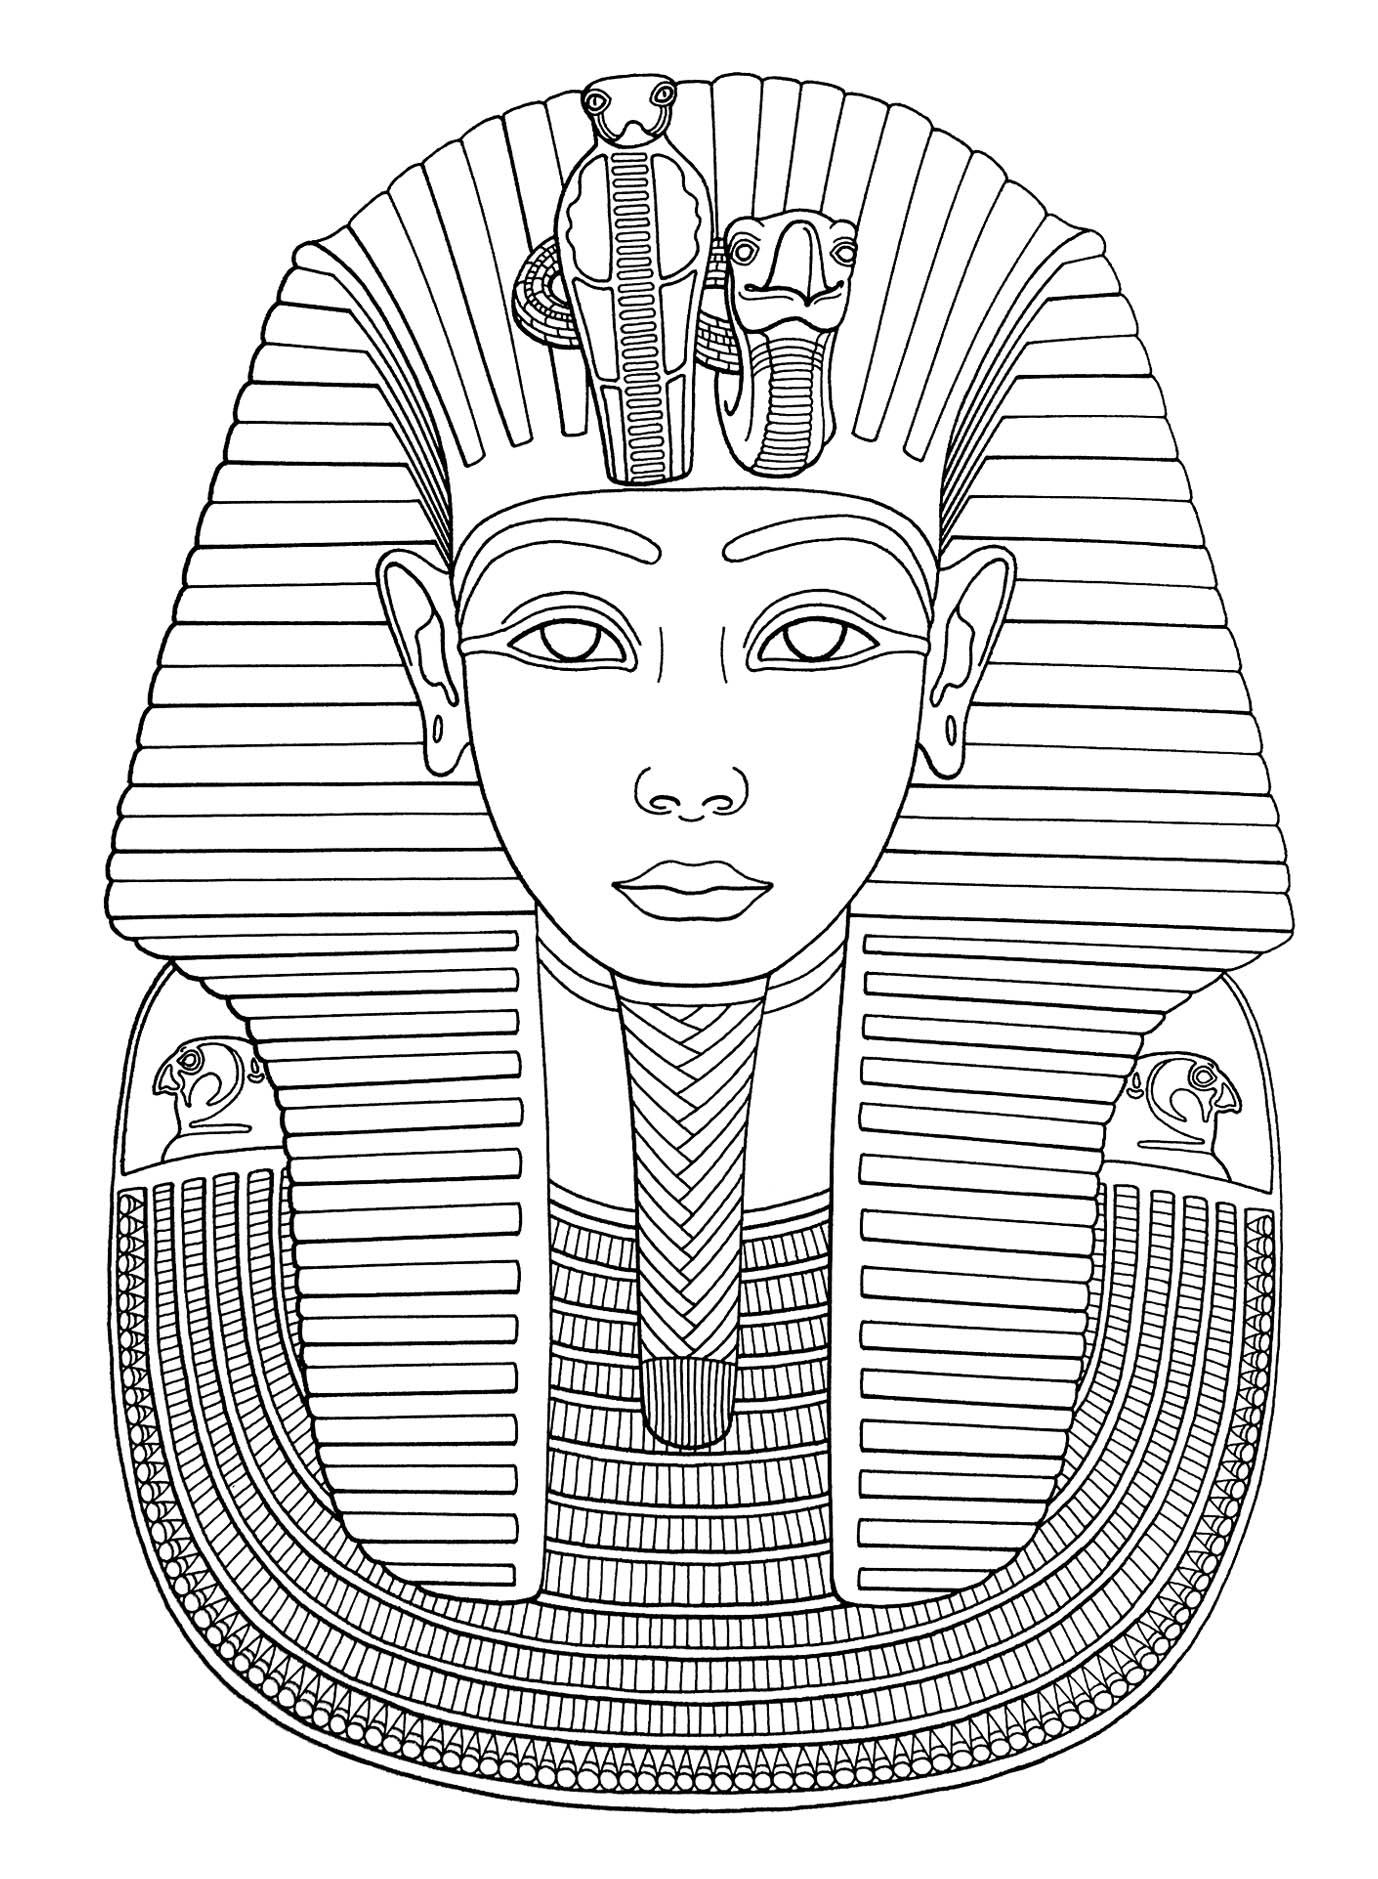 Le masque funéraire de Toutankhamon, une des plus célèbres icônes de l'Egypte antique, est certainement le masque le plus connu au monde.